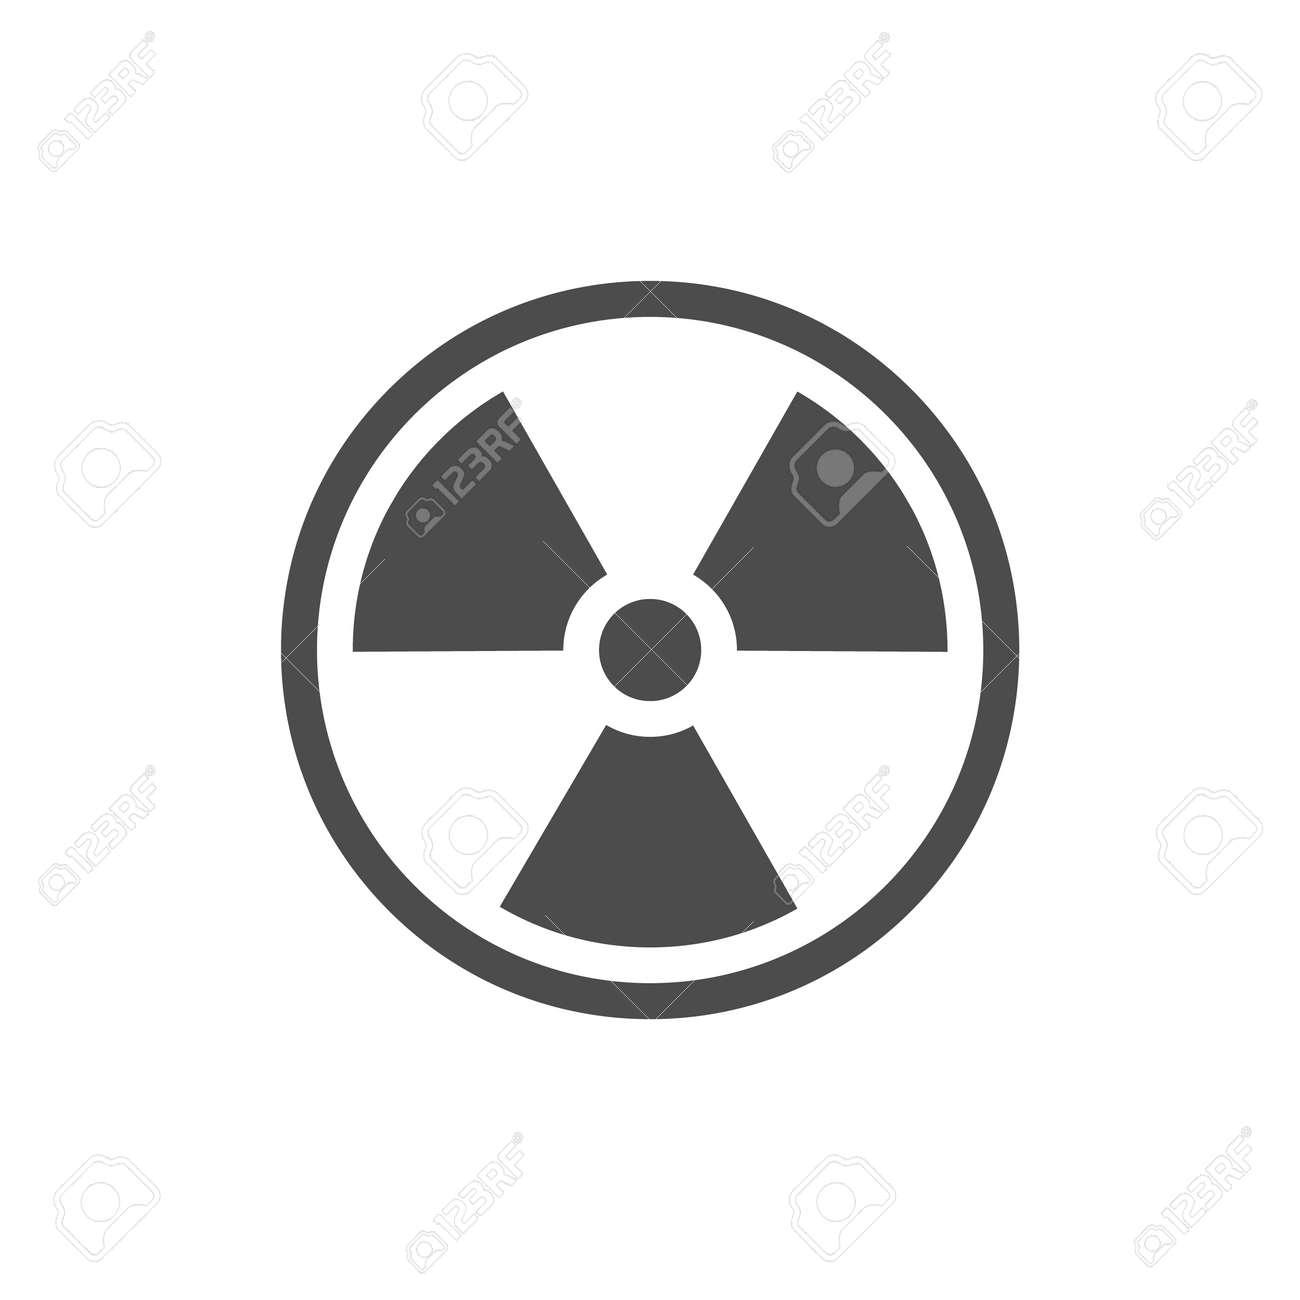 Radiation symbol. Radiation warning icon. - 166665815